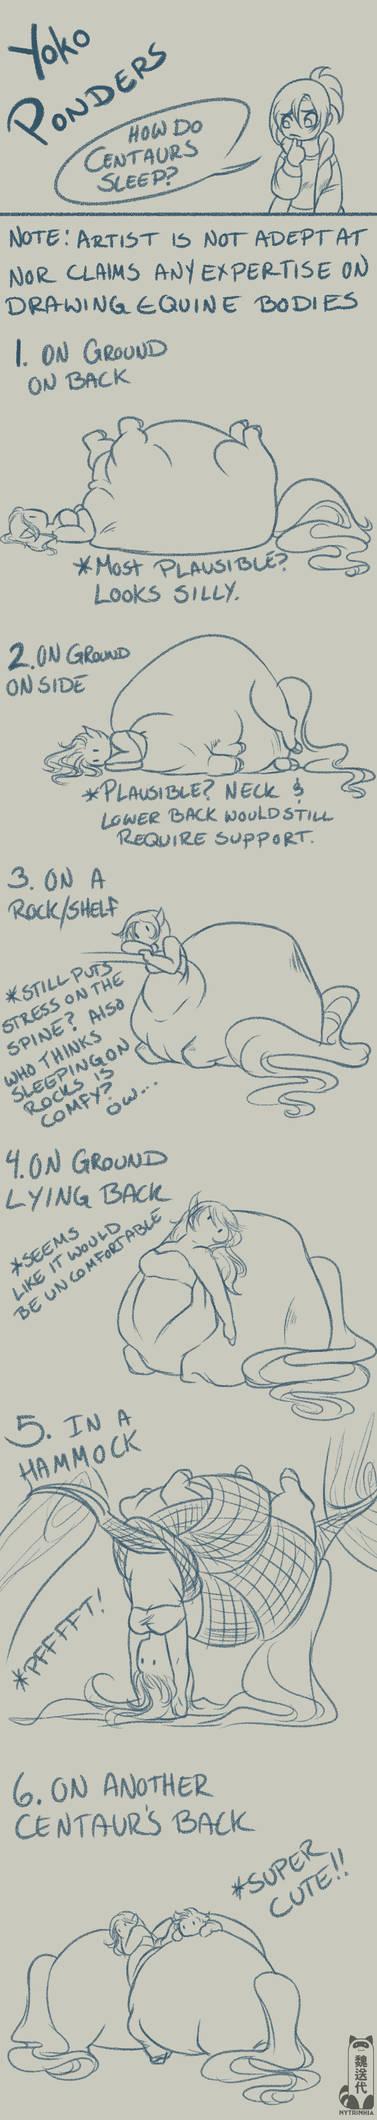 How Do Centaurs Sleep?